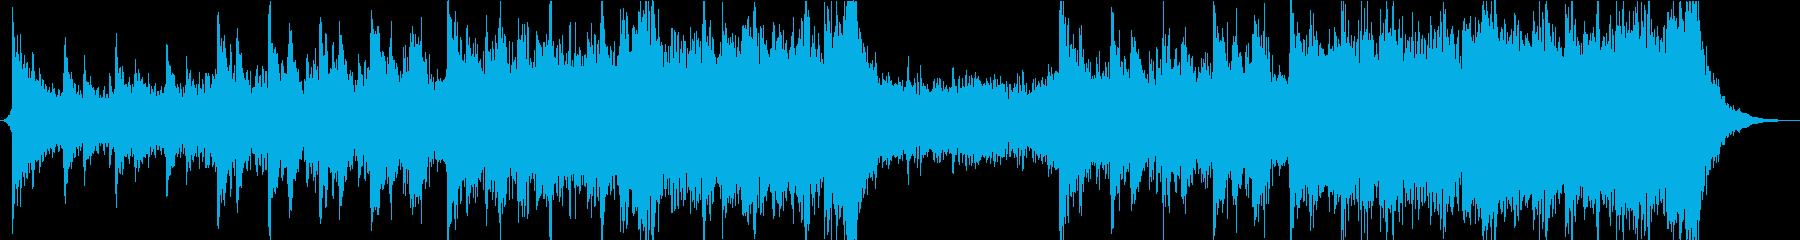 爽やかで前向きなエピックオーケストラの再生済みの波形